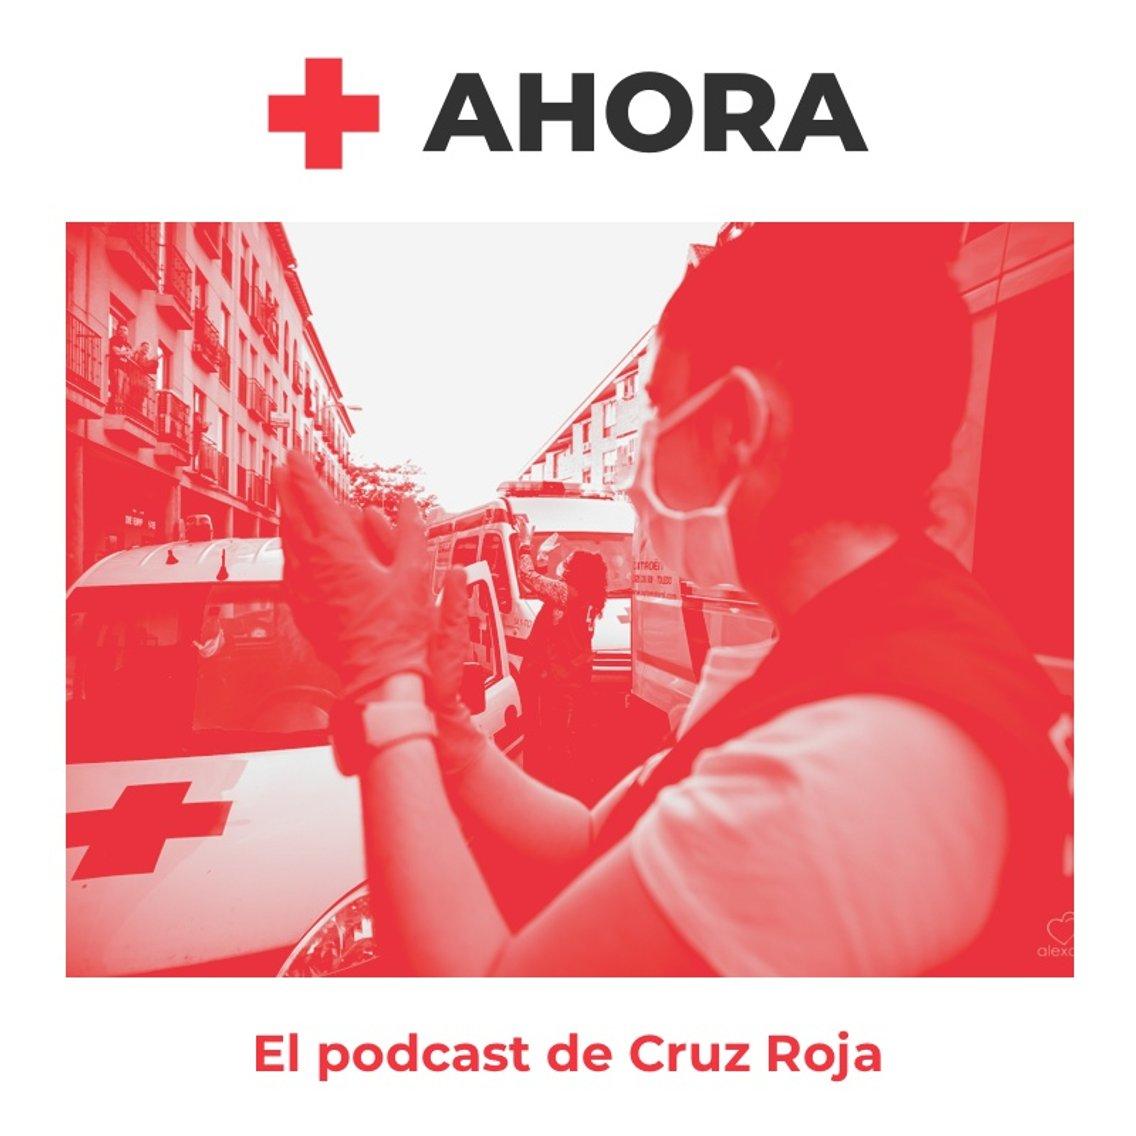 AHORA. El podcast de Cruz Roja - immagine di copertina